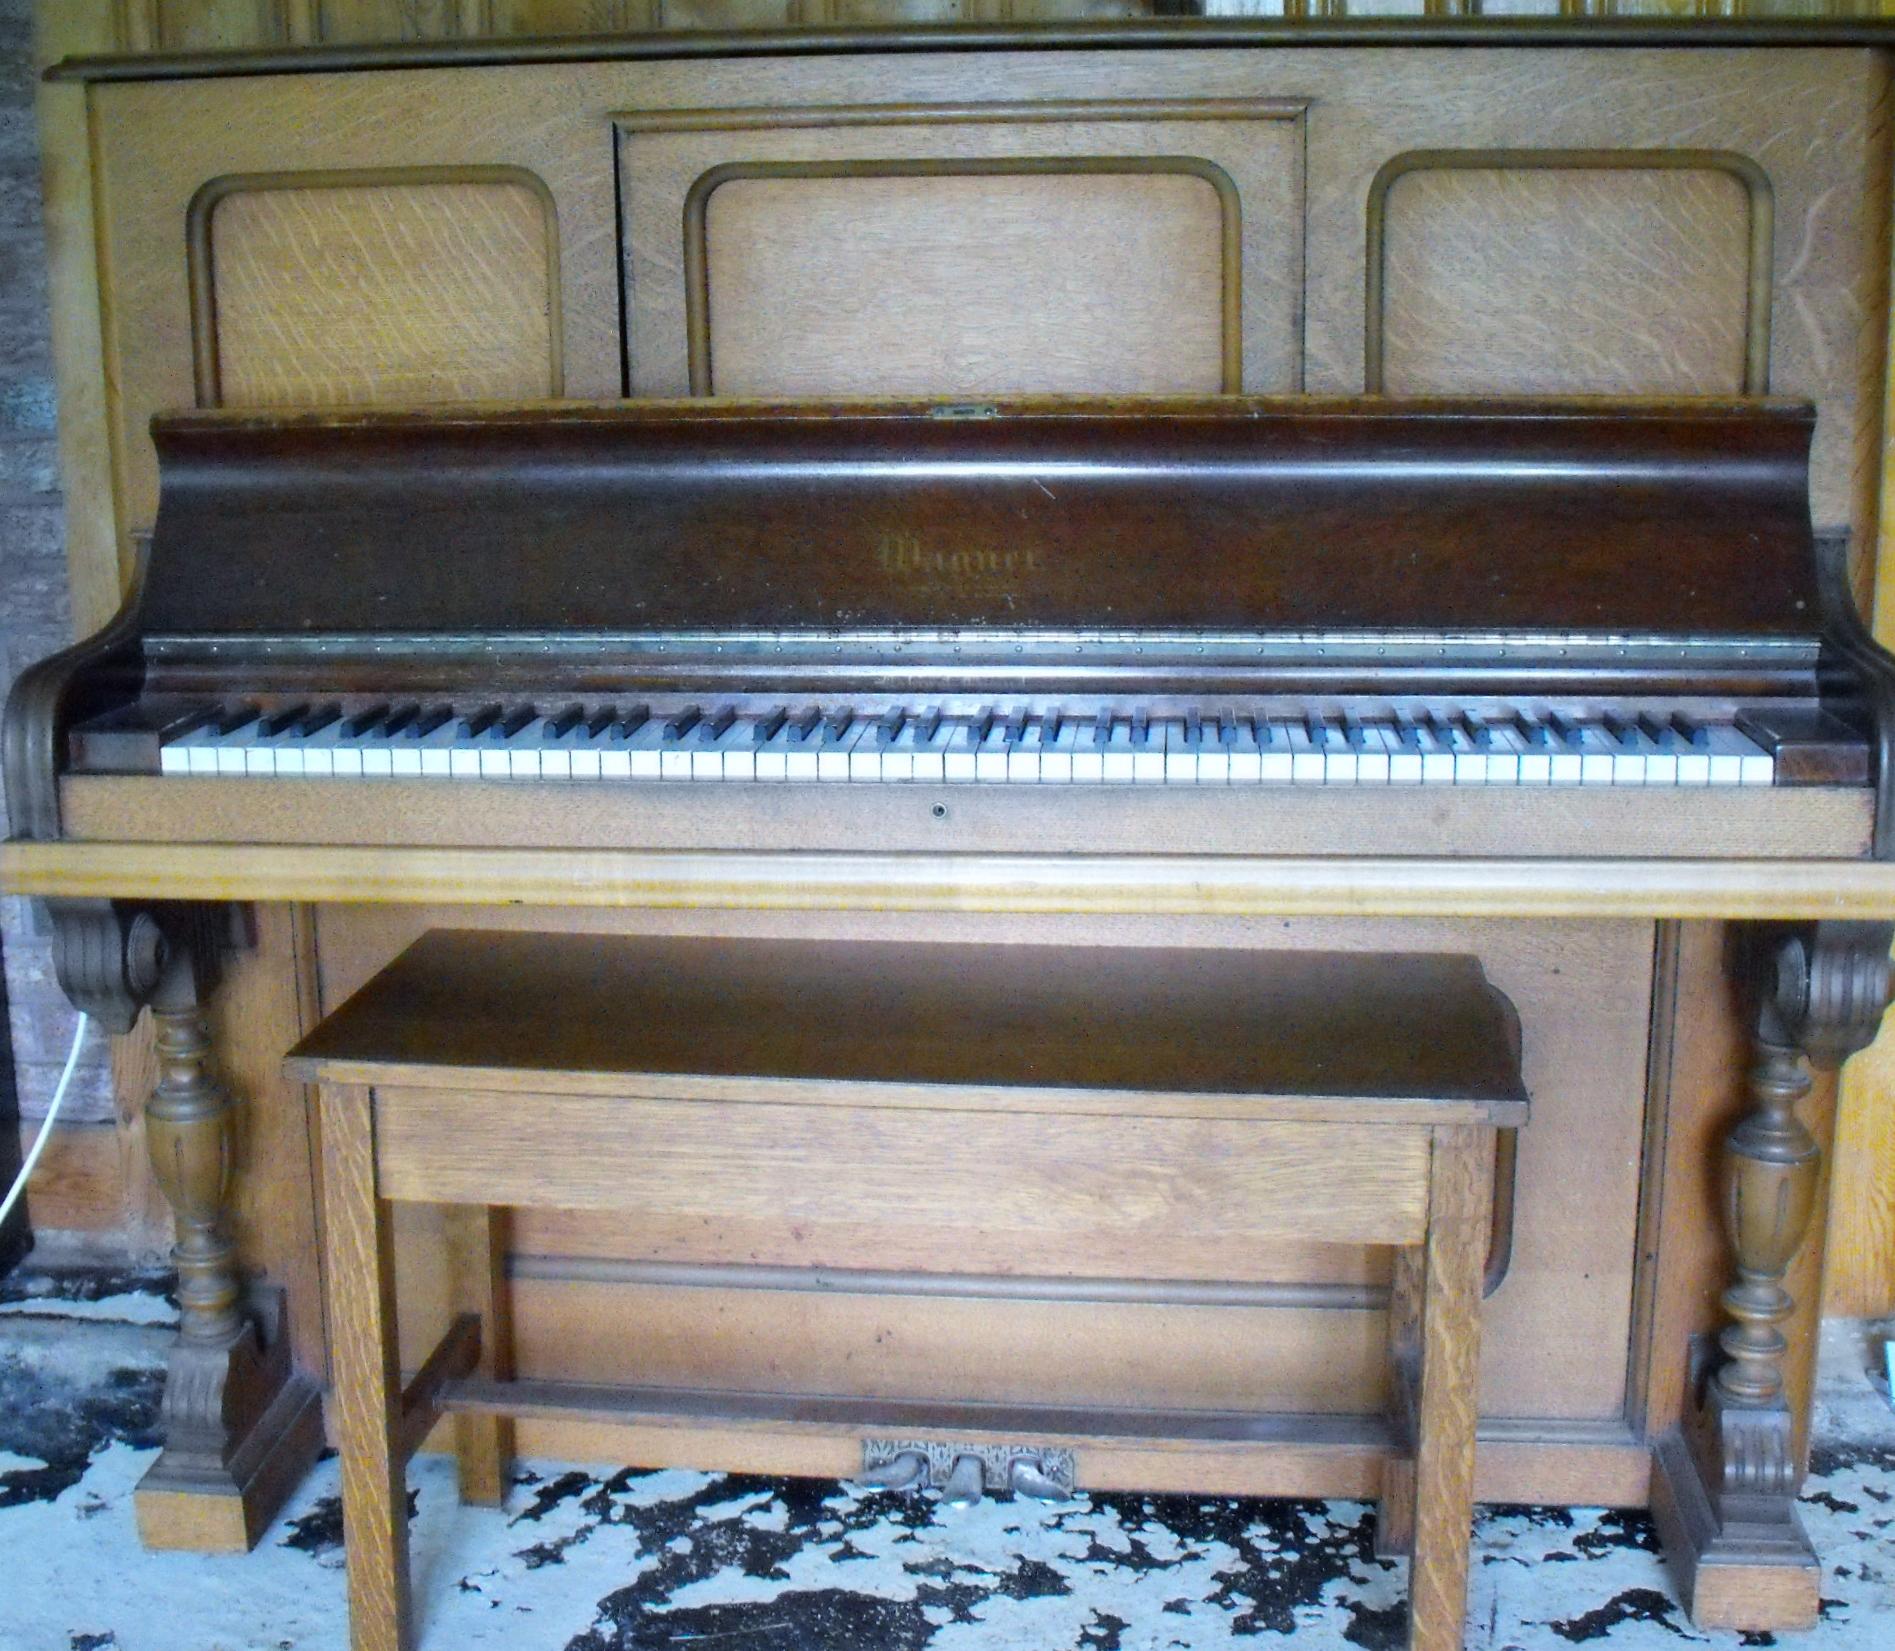 Wagner Piano - Dscf4664